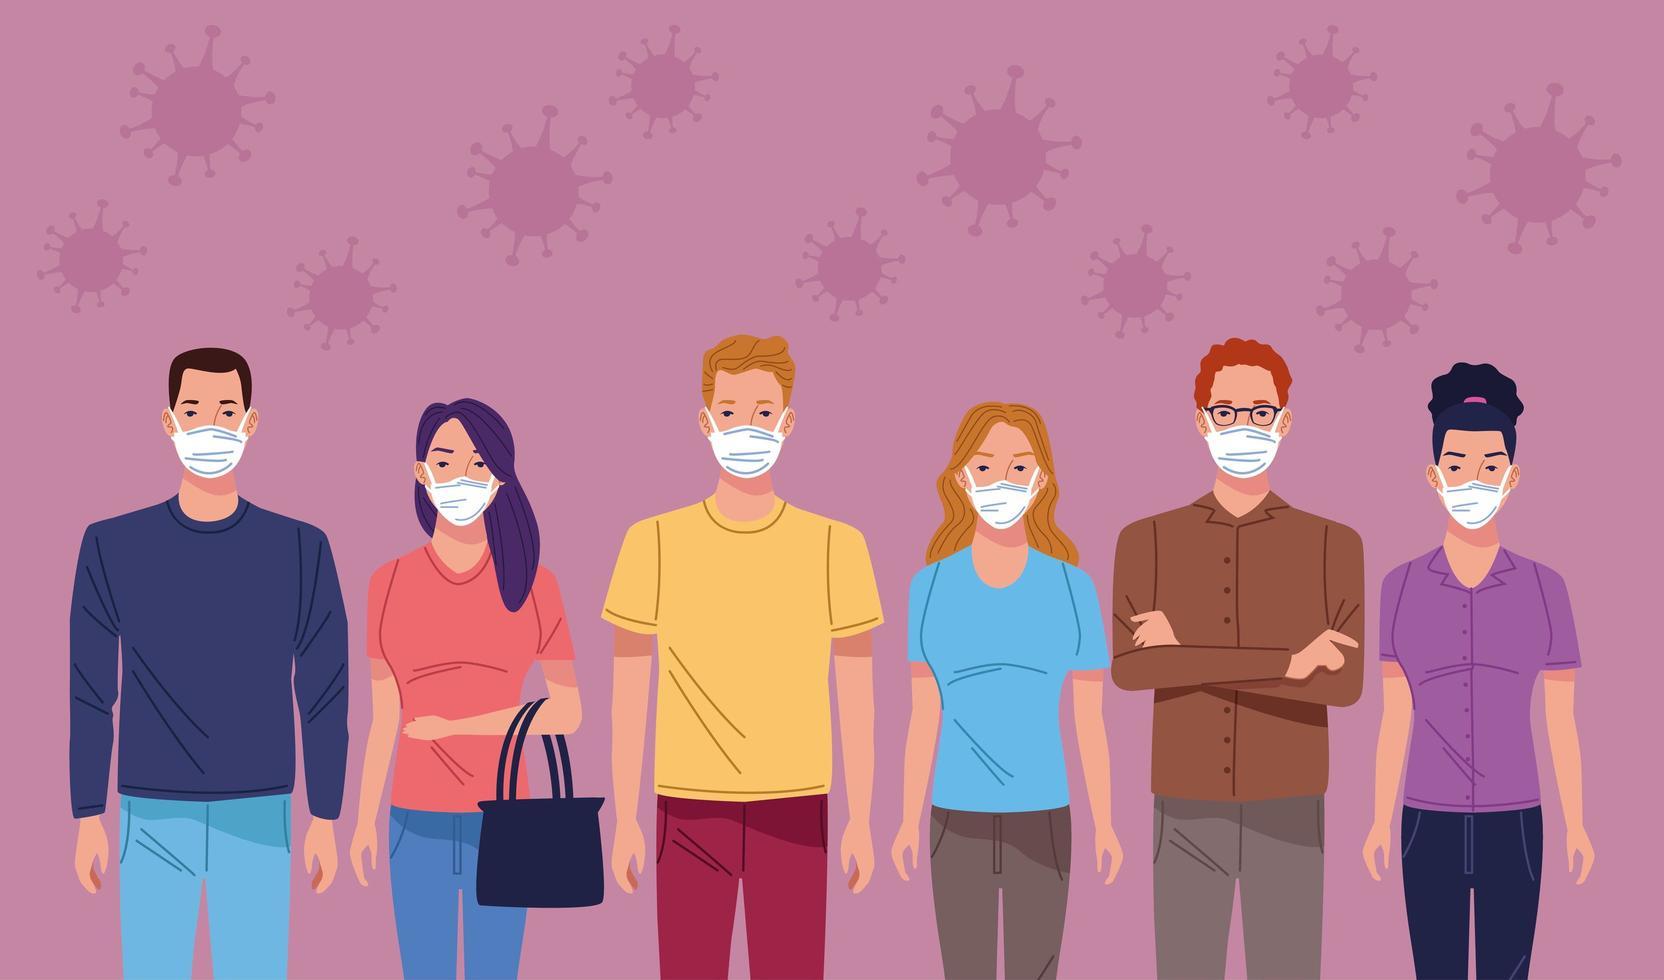 grupo de personas que usan mascarilla para protegerse contra el coronavirus vector